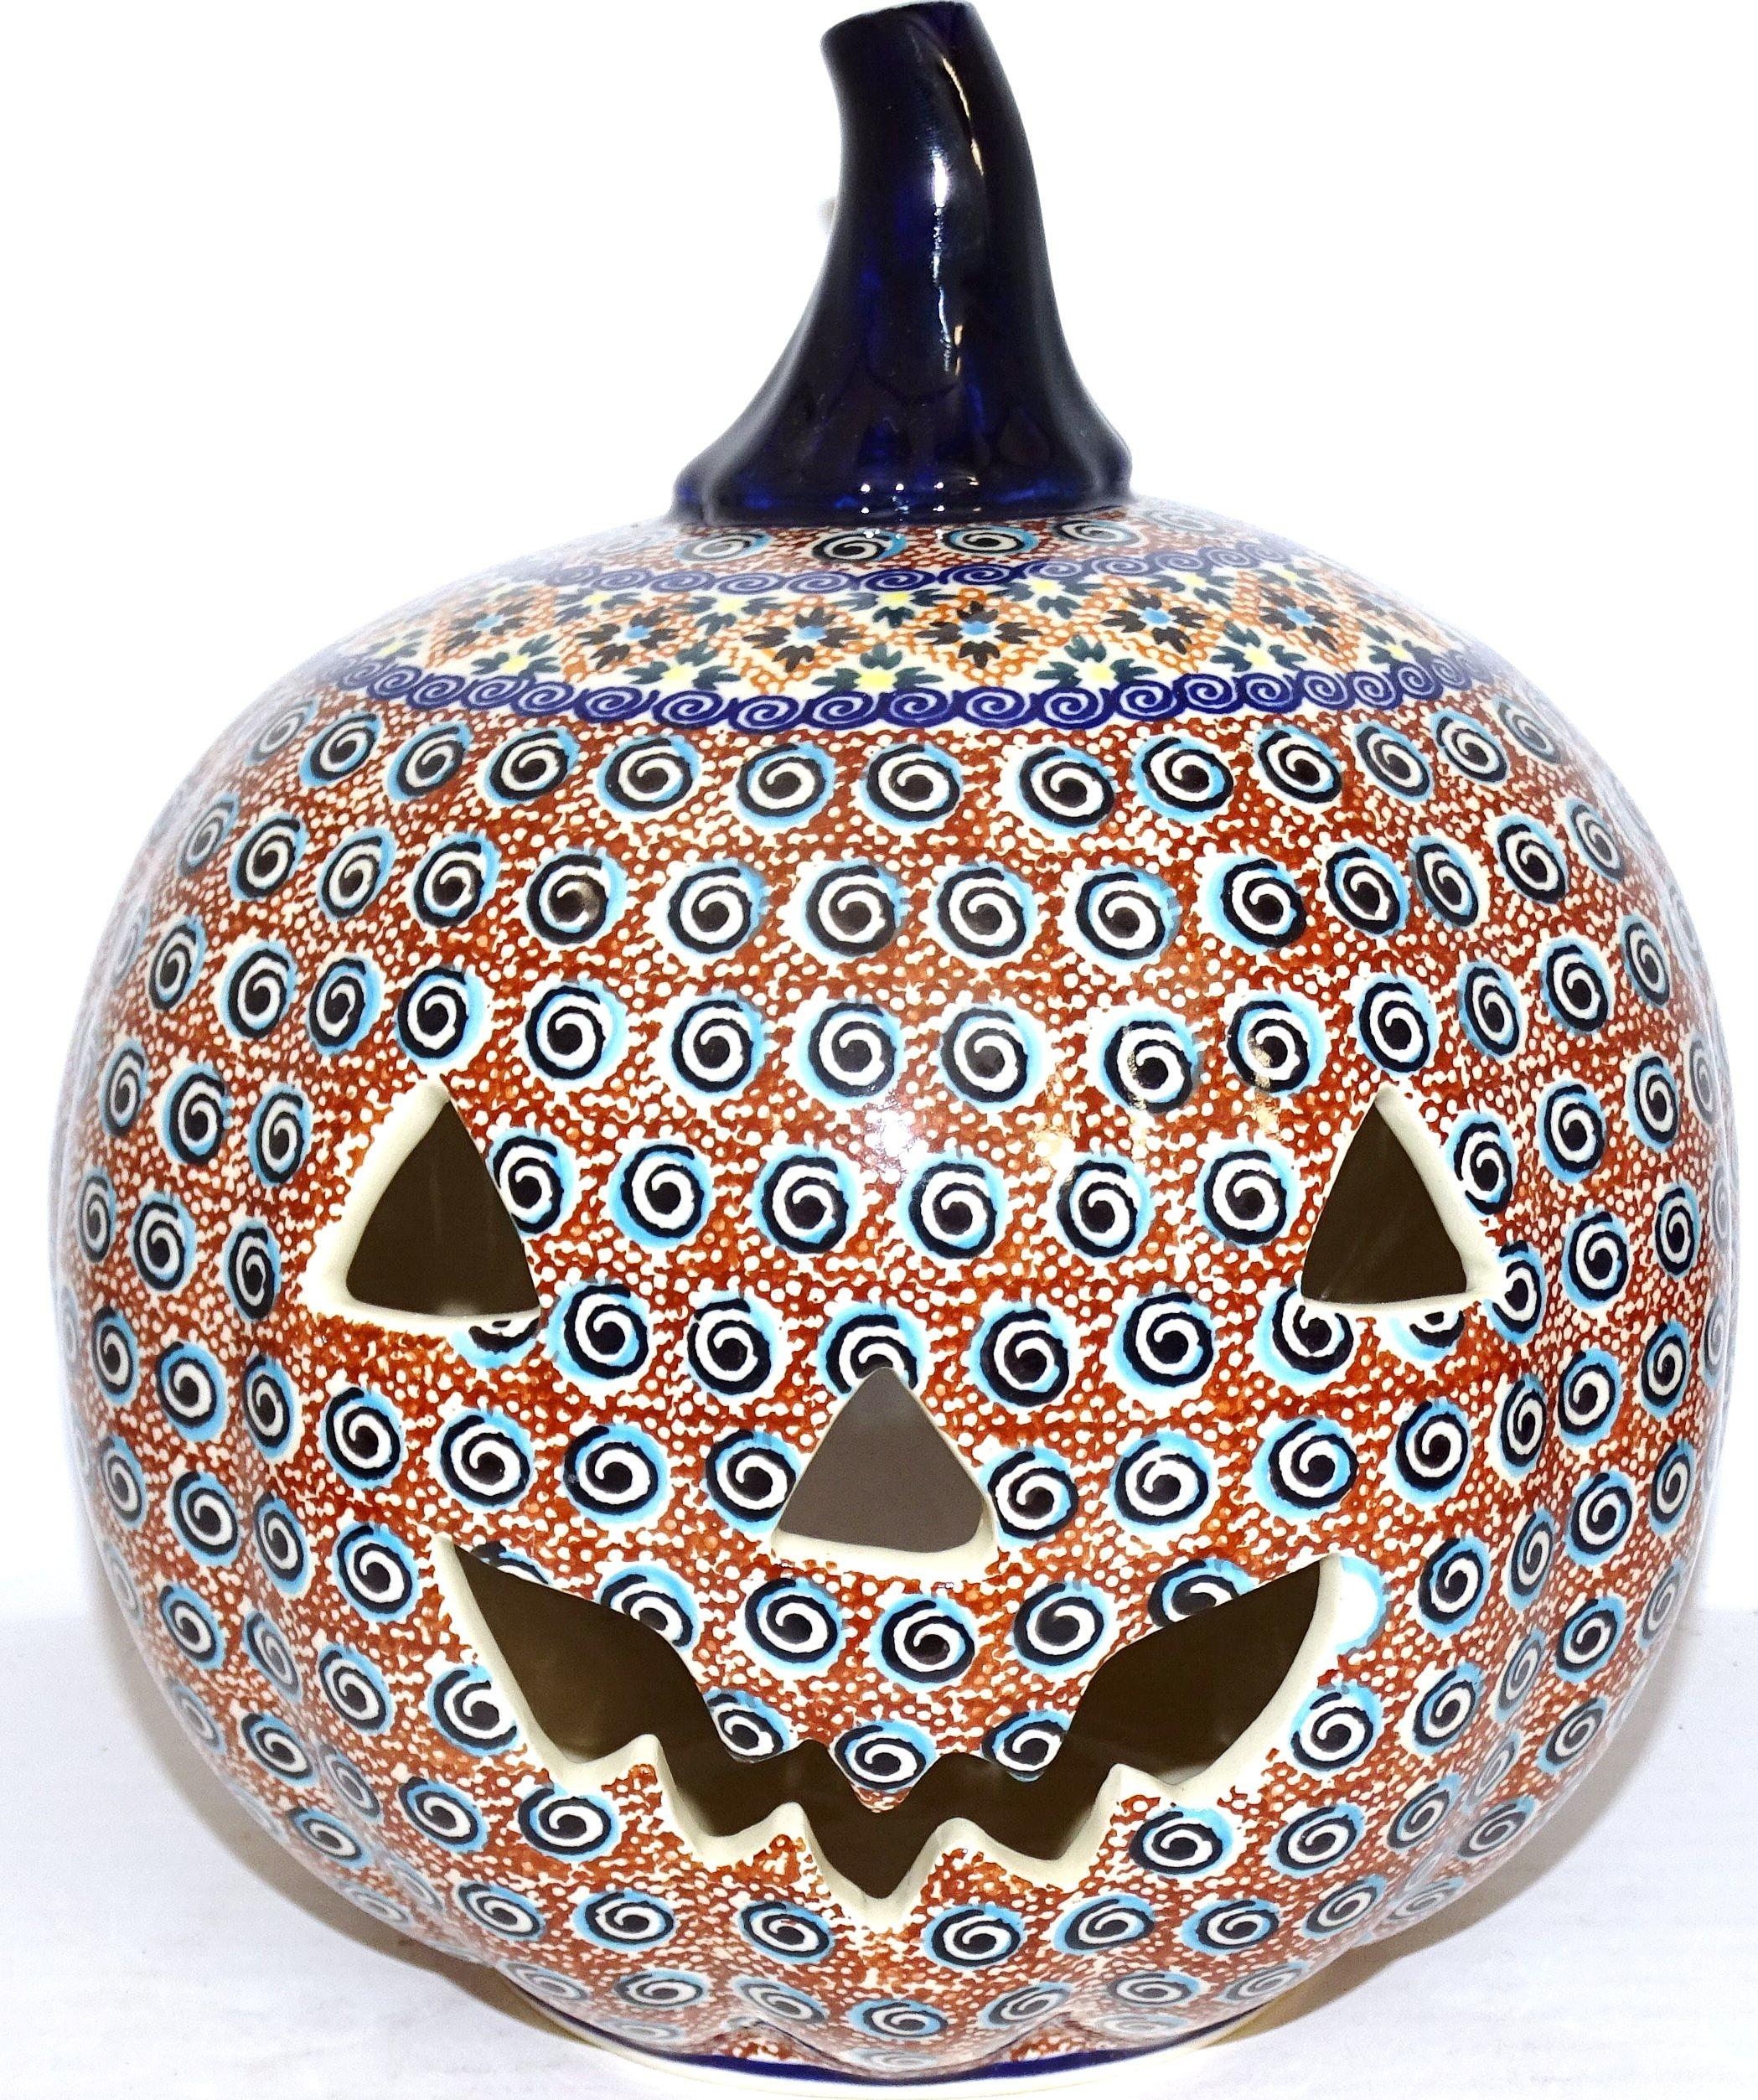 Pottery Avenue INDIA Halloween Jack O' Lantern | ARTISAN